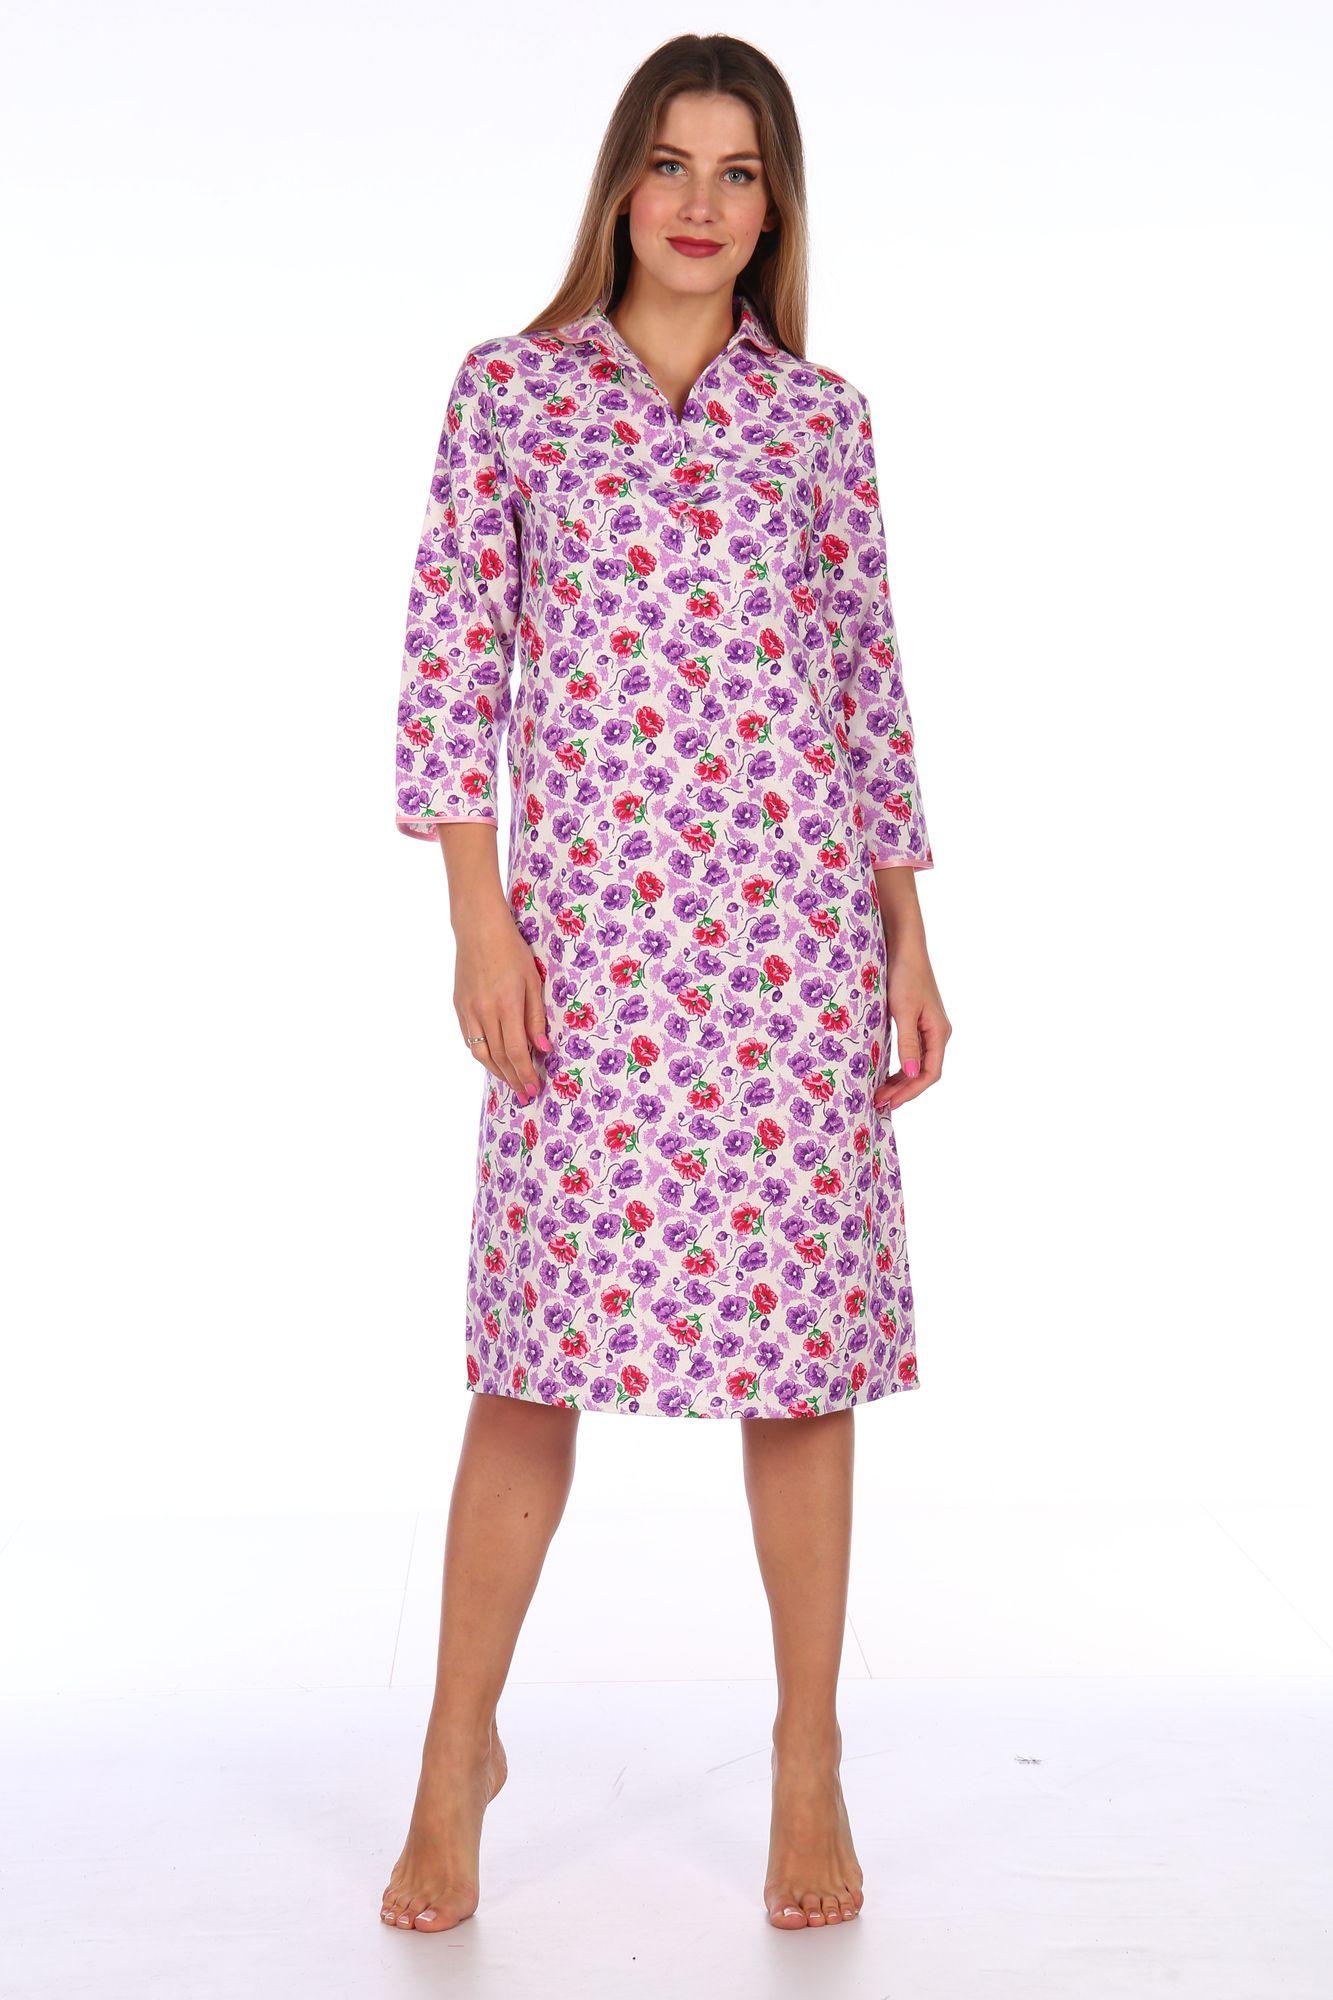 Сорочка ночная женская,модель 411,фланель (Цветочная полянка, сиреневый)